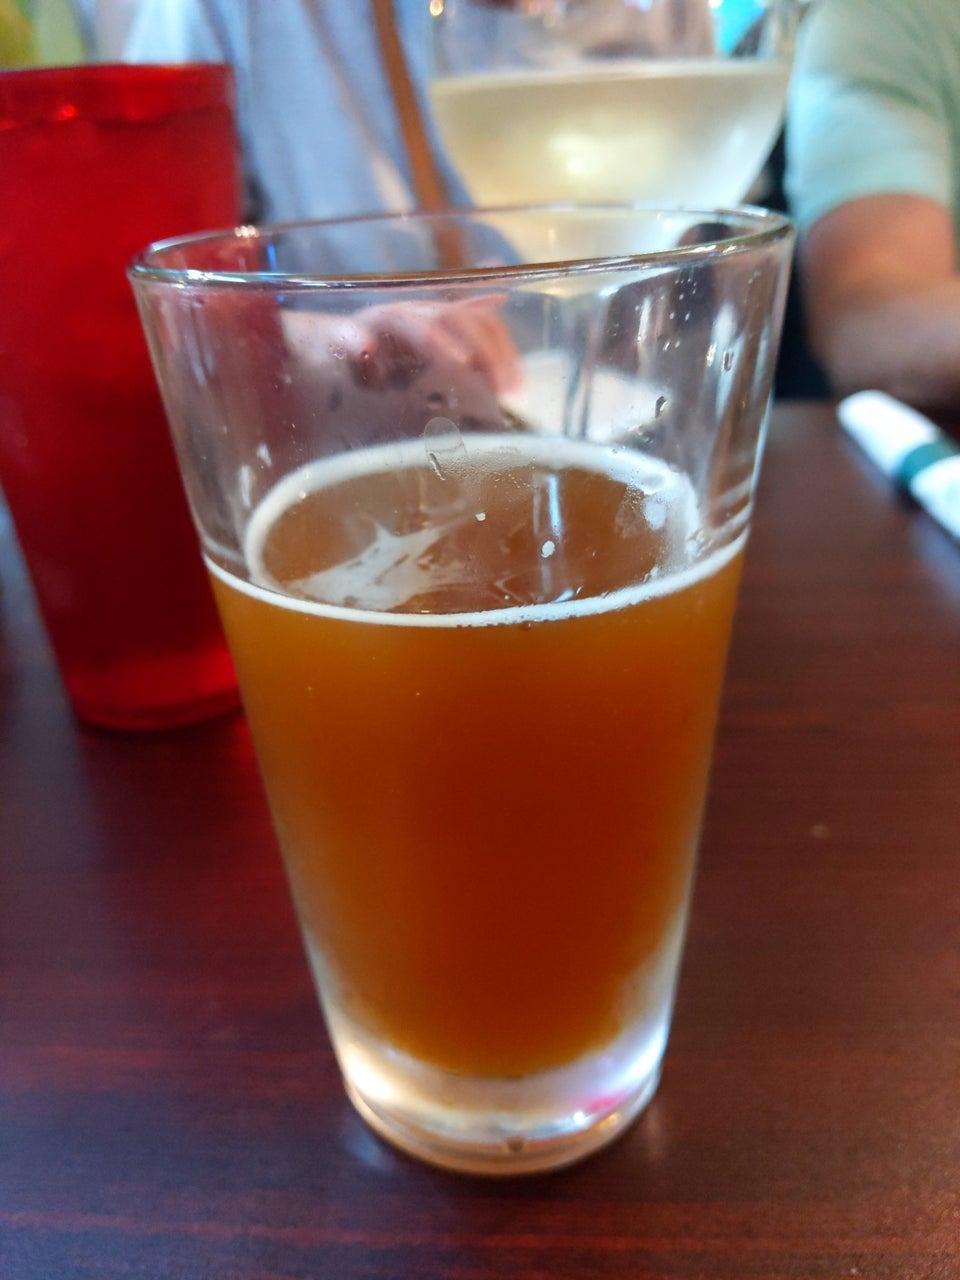 The Pesky Pelican Brew Pub 923 72nd St N, St. Petersburg